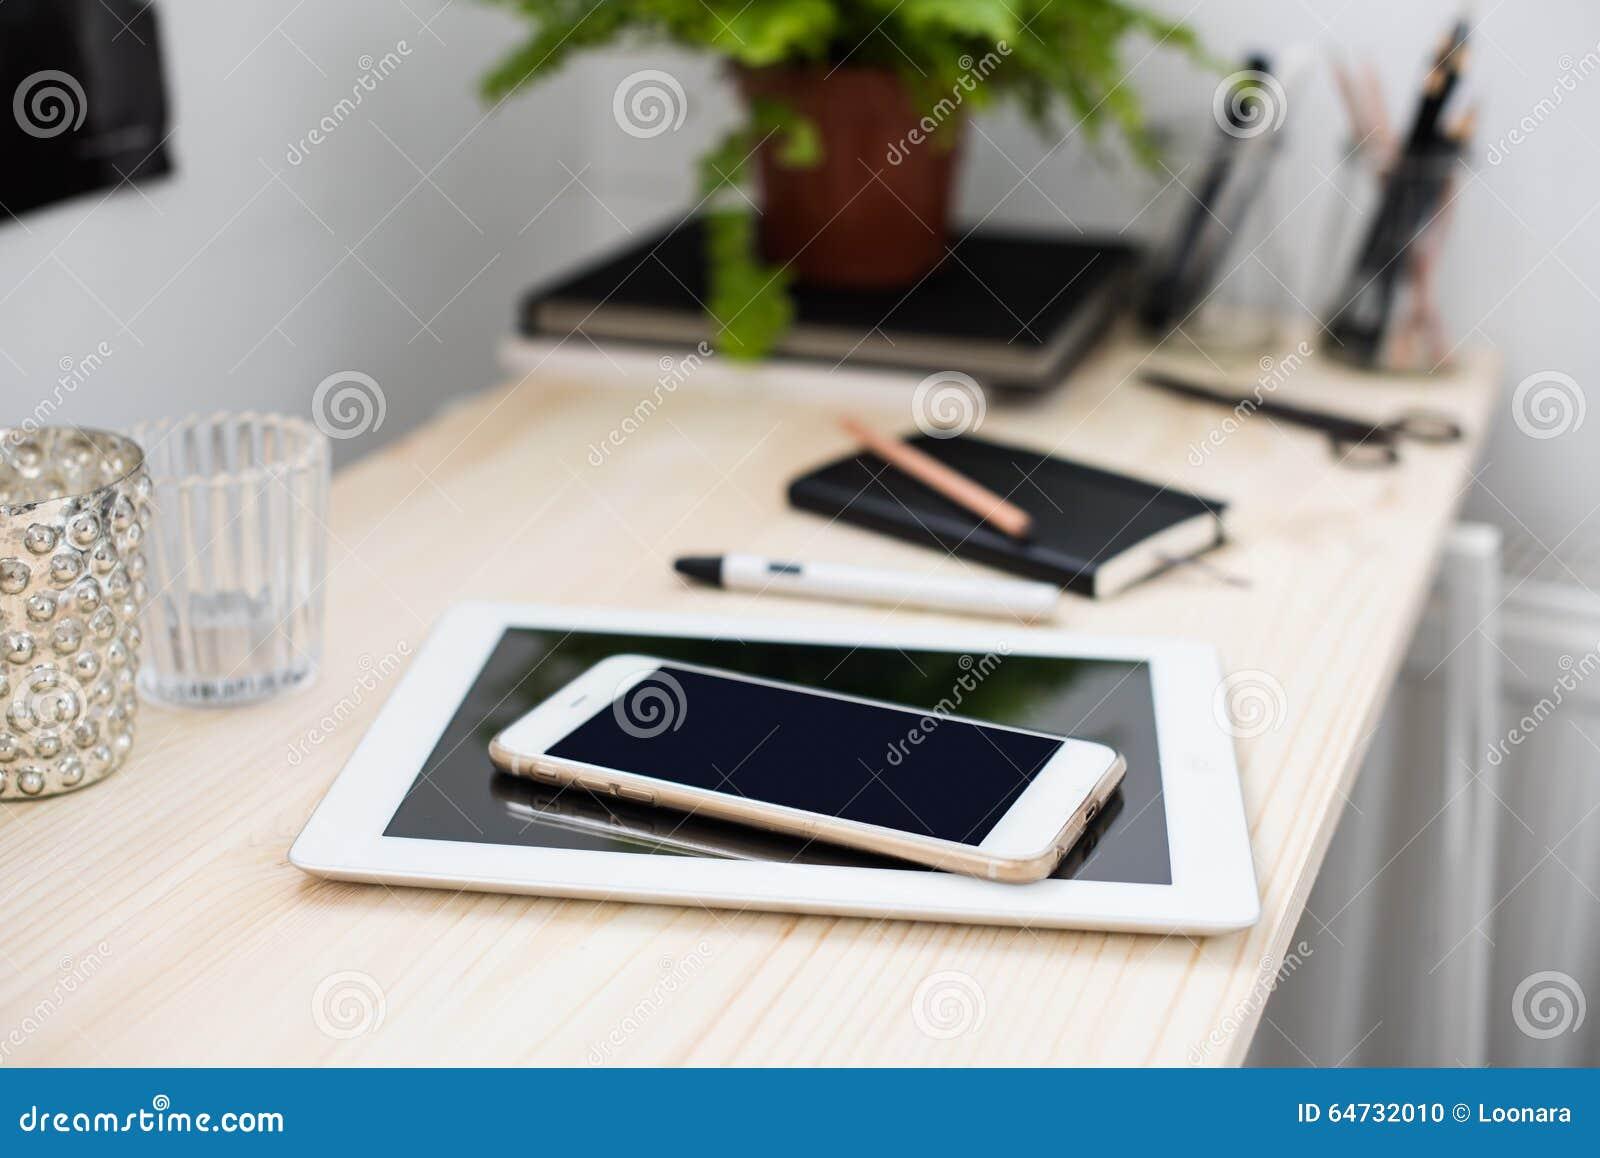 Compressa e smartphone sulla tavola di funzionamento